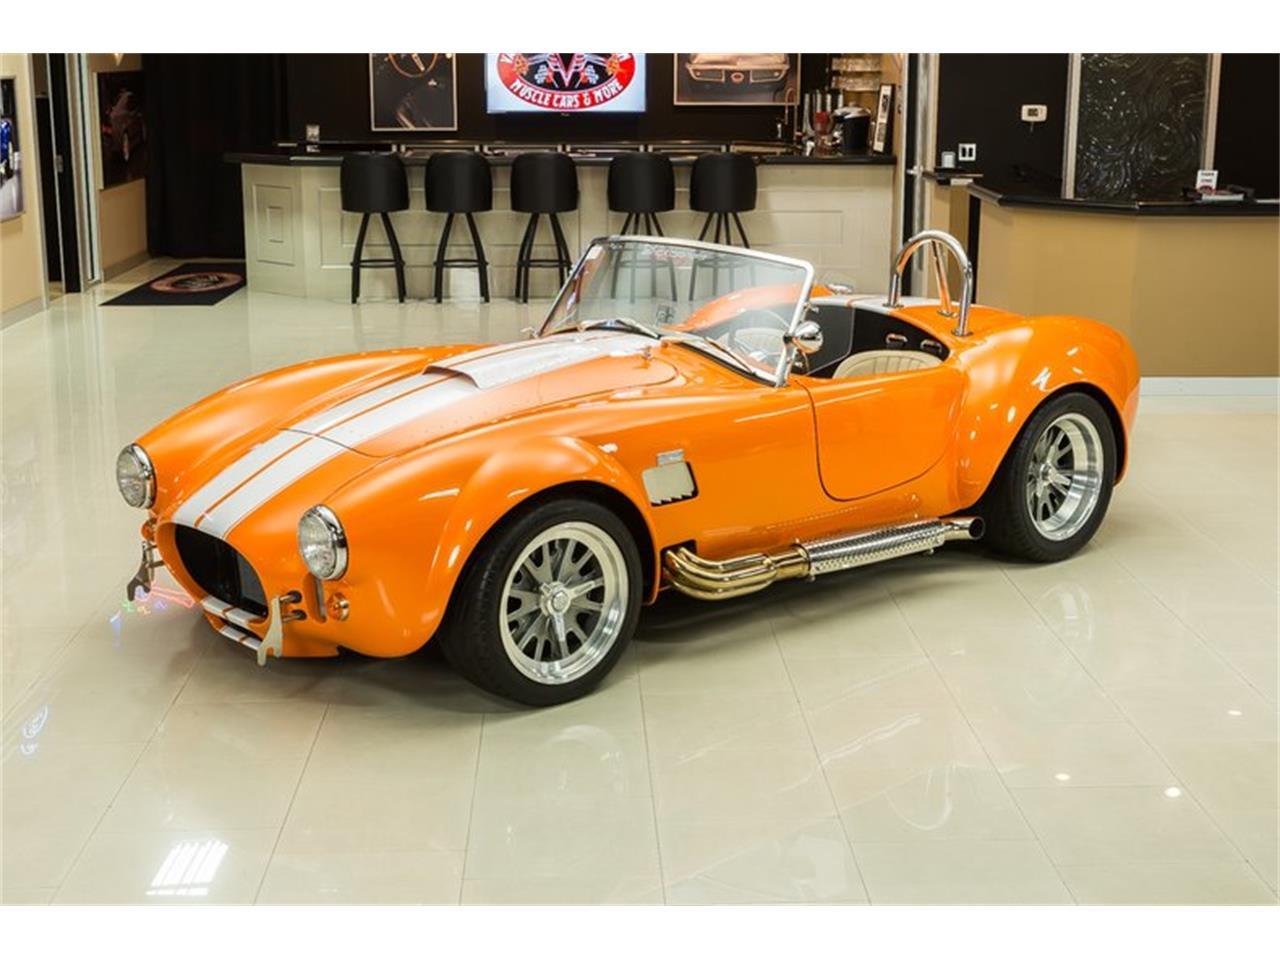 1965 Shelby Cobra For Sale Classiccarscom Cc 1165431